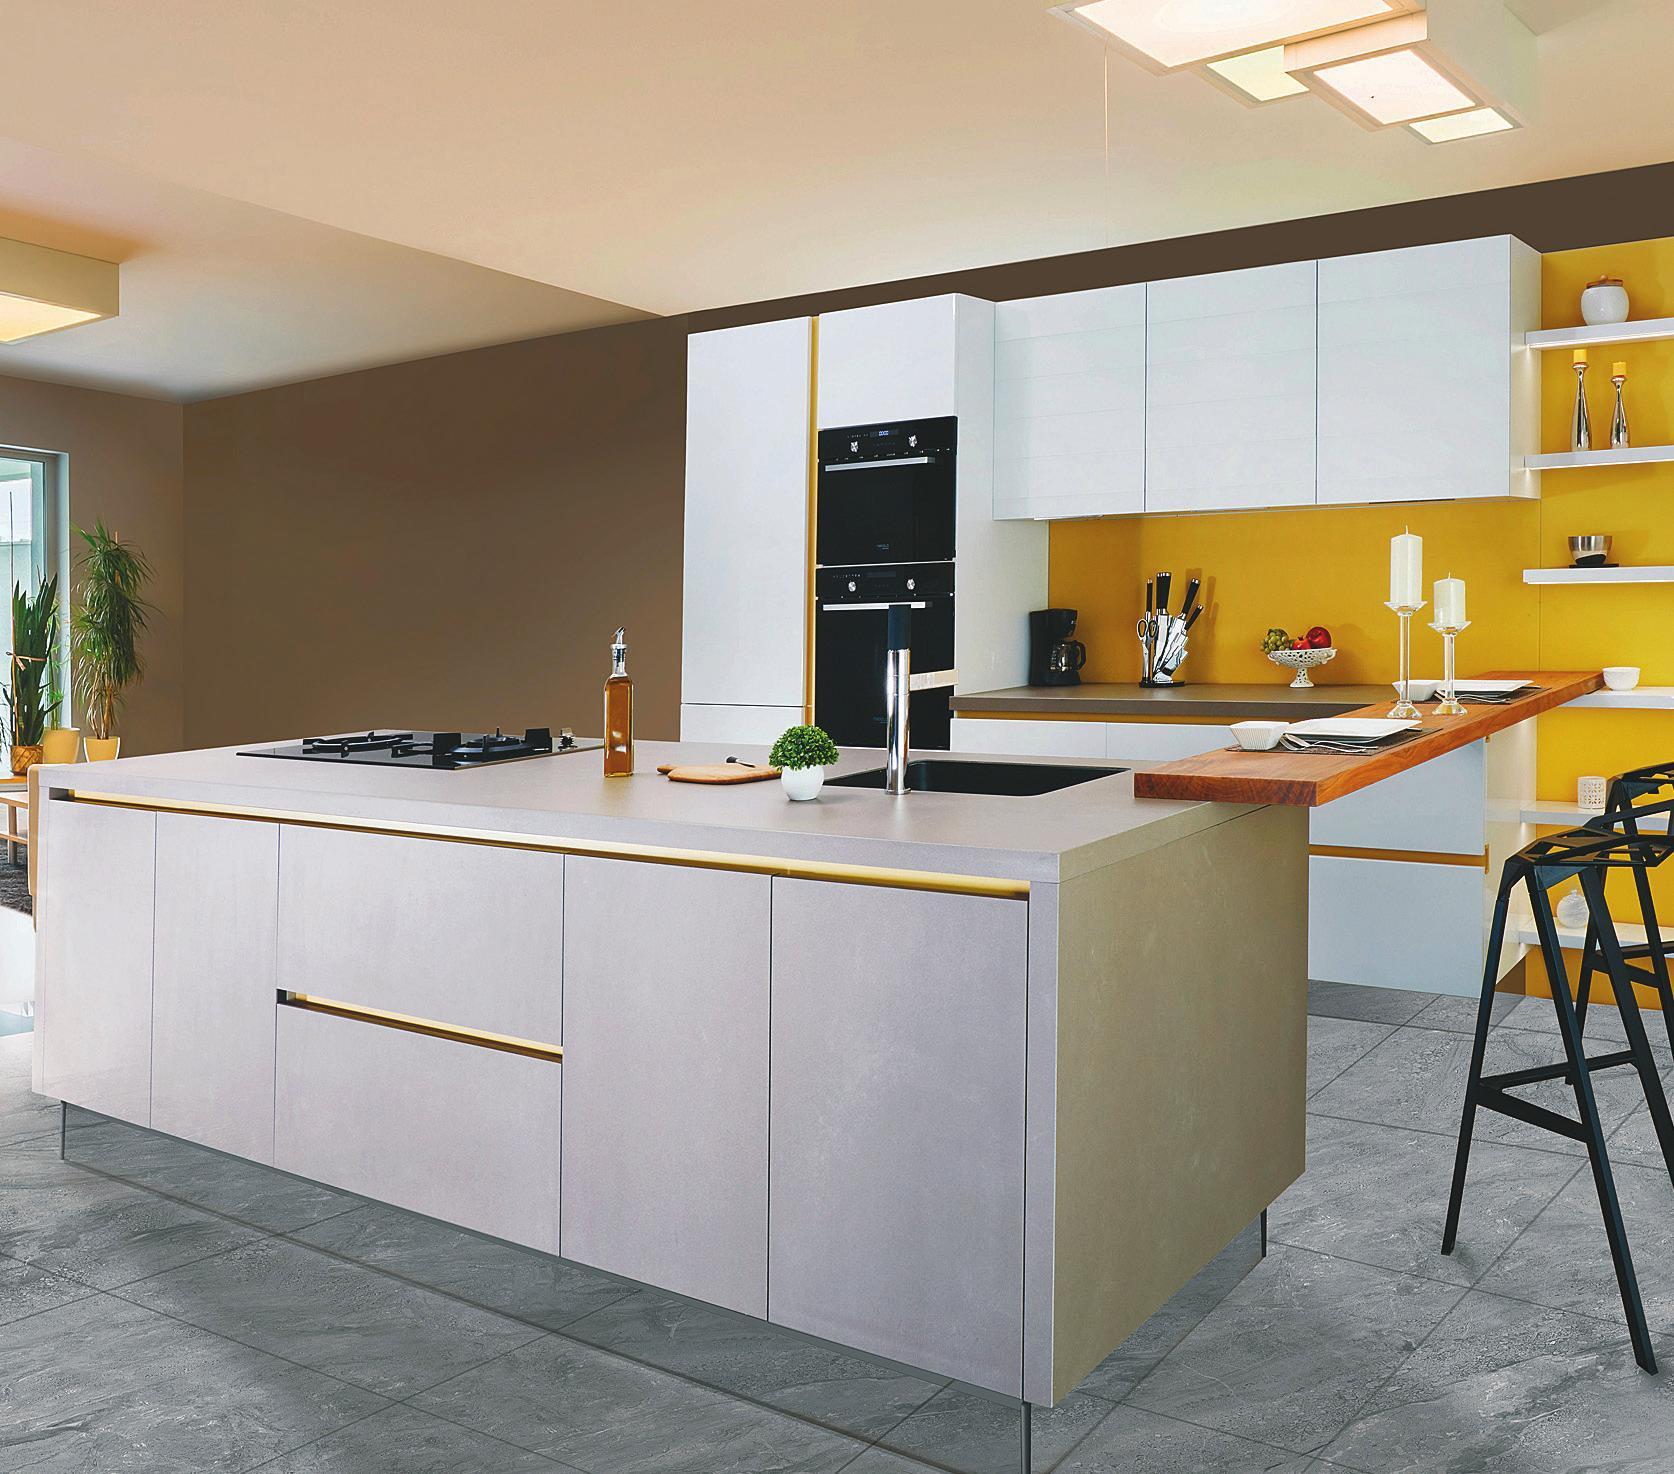 Eine ergonomische Küche überzeugt durch viele variable Module. Foto: Pexels.com